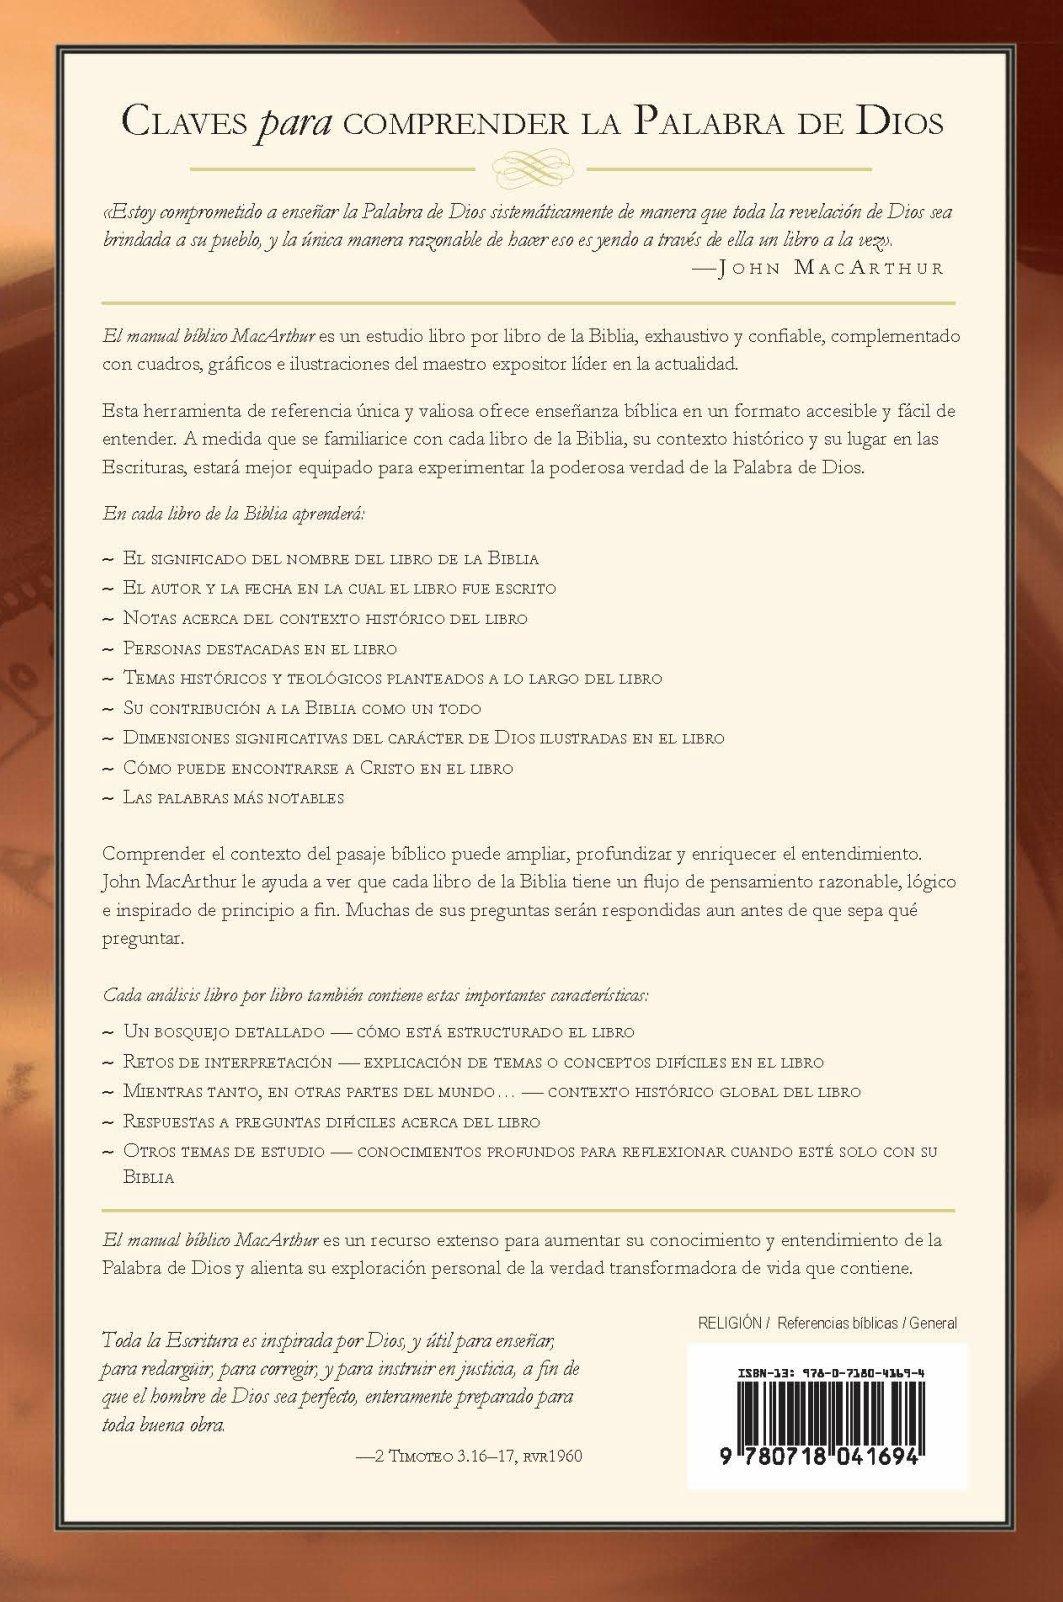 El manual bíblico MacArthur: Un estudio introductorio a la Palabra de Dios, libro  por libro (Spanish Edition): John F. MacArthur: 9780718041694: Amazon.com:  ...